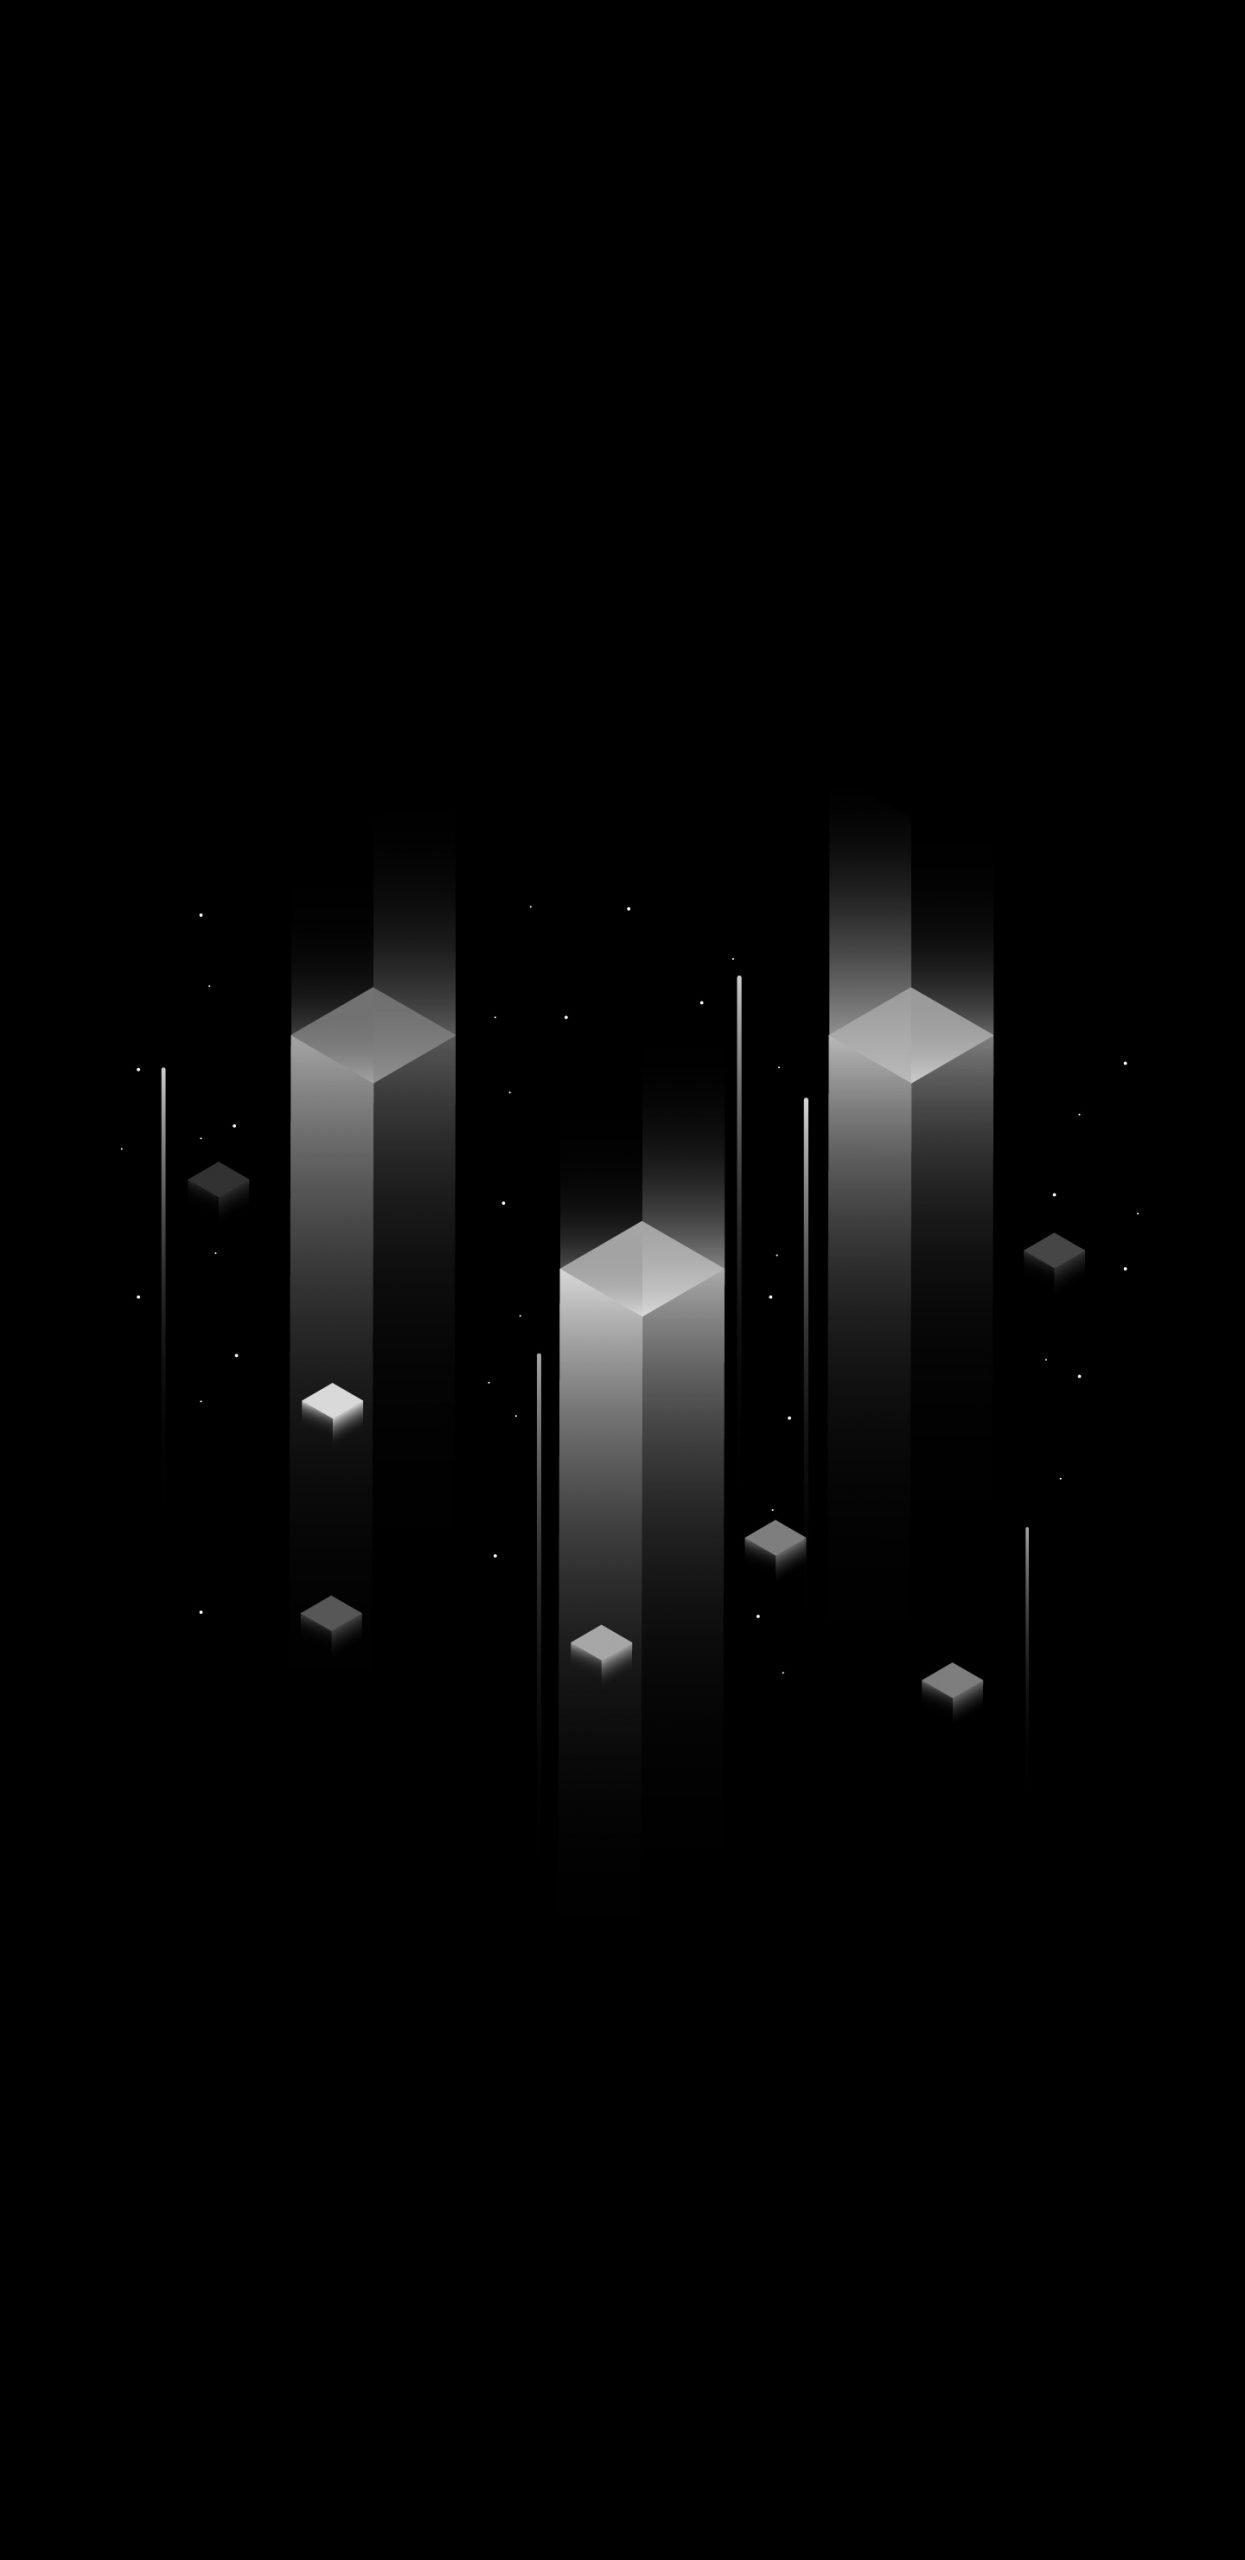 خلفيات ايفون سوداء 3d مربع